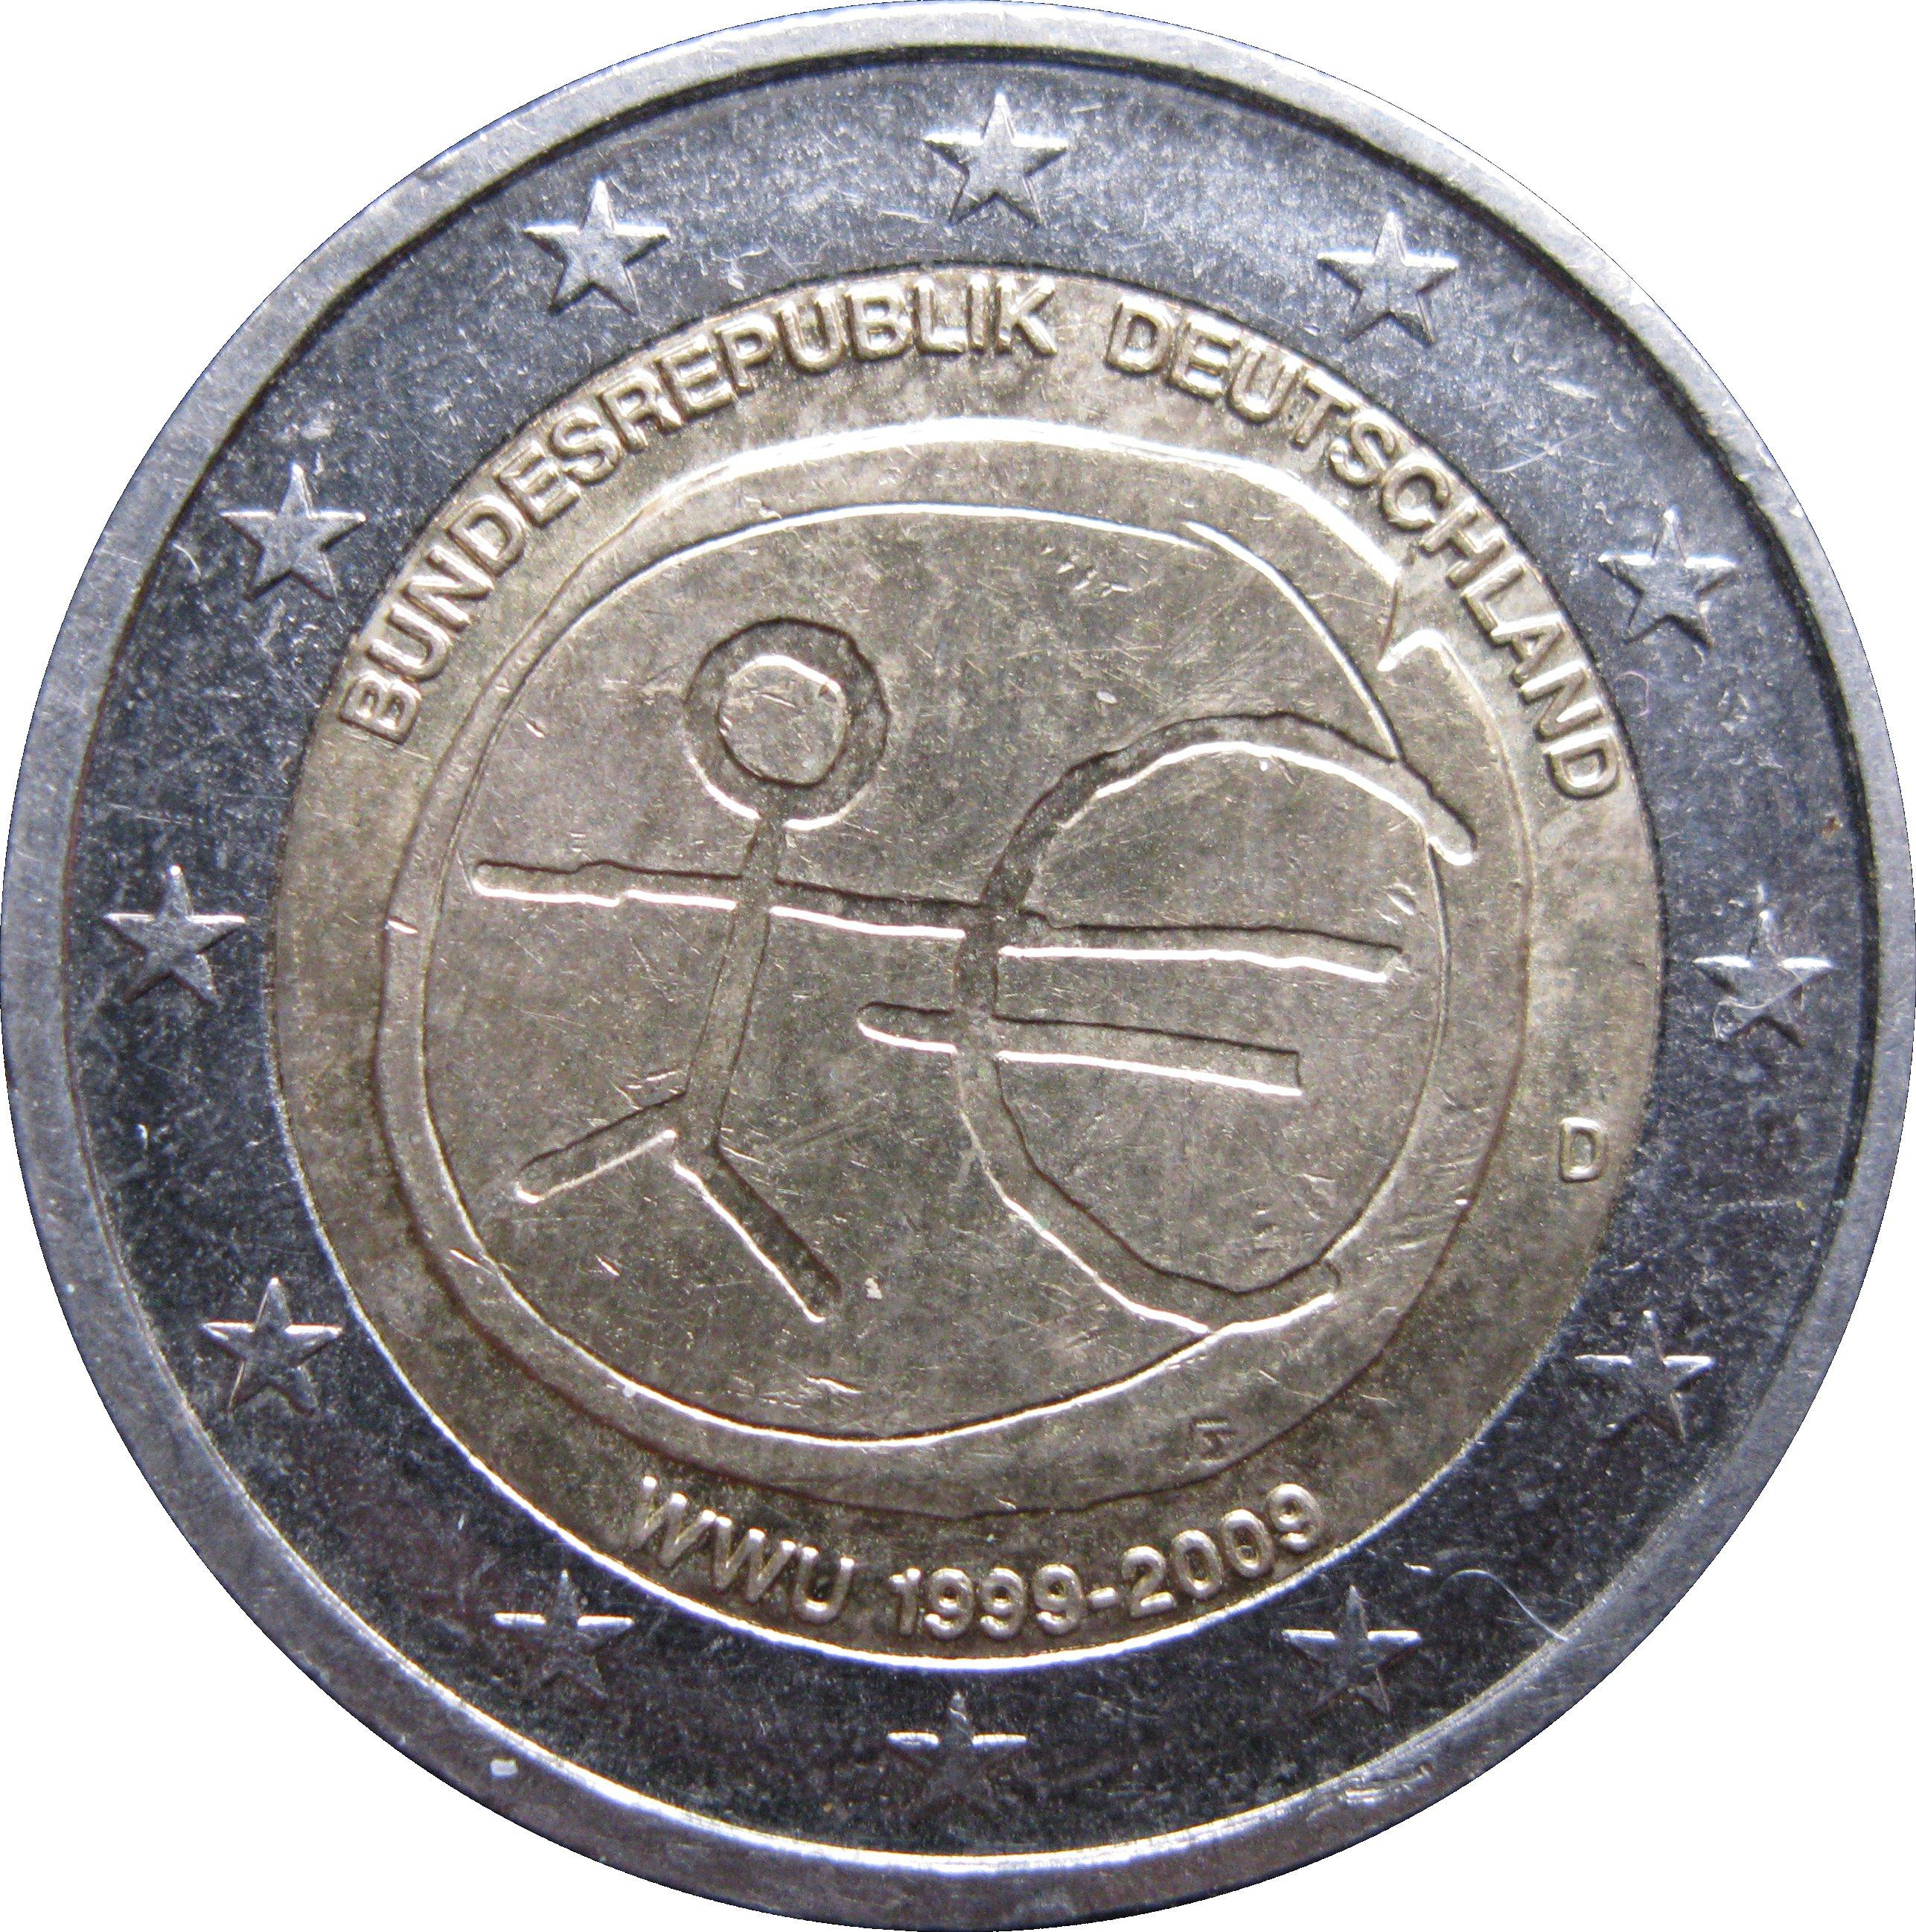 2 Euros Union économique Et Monétaire Allemagne République